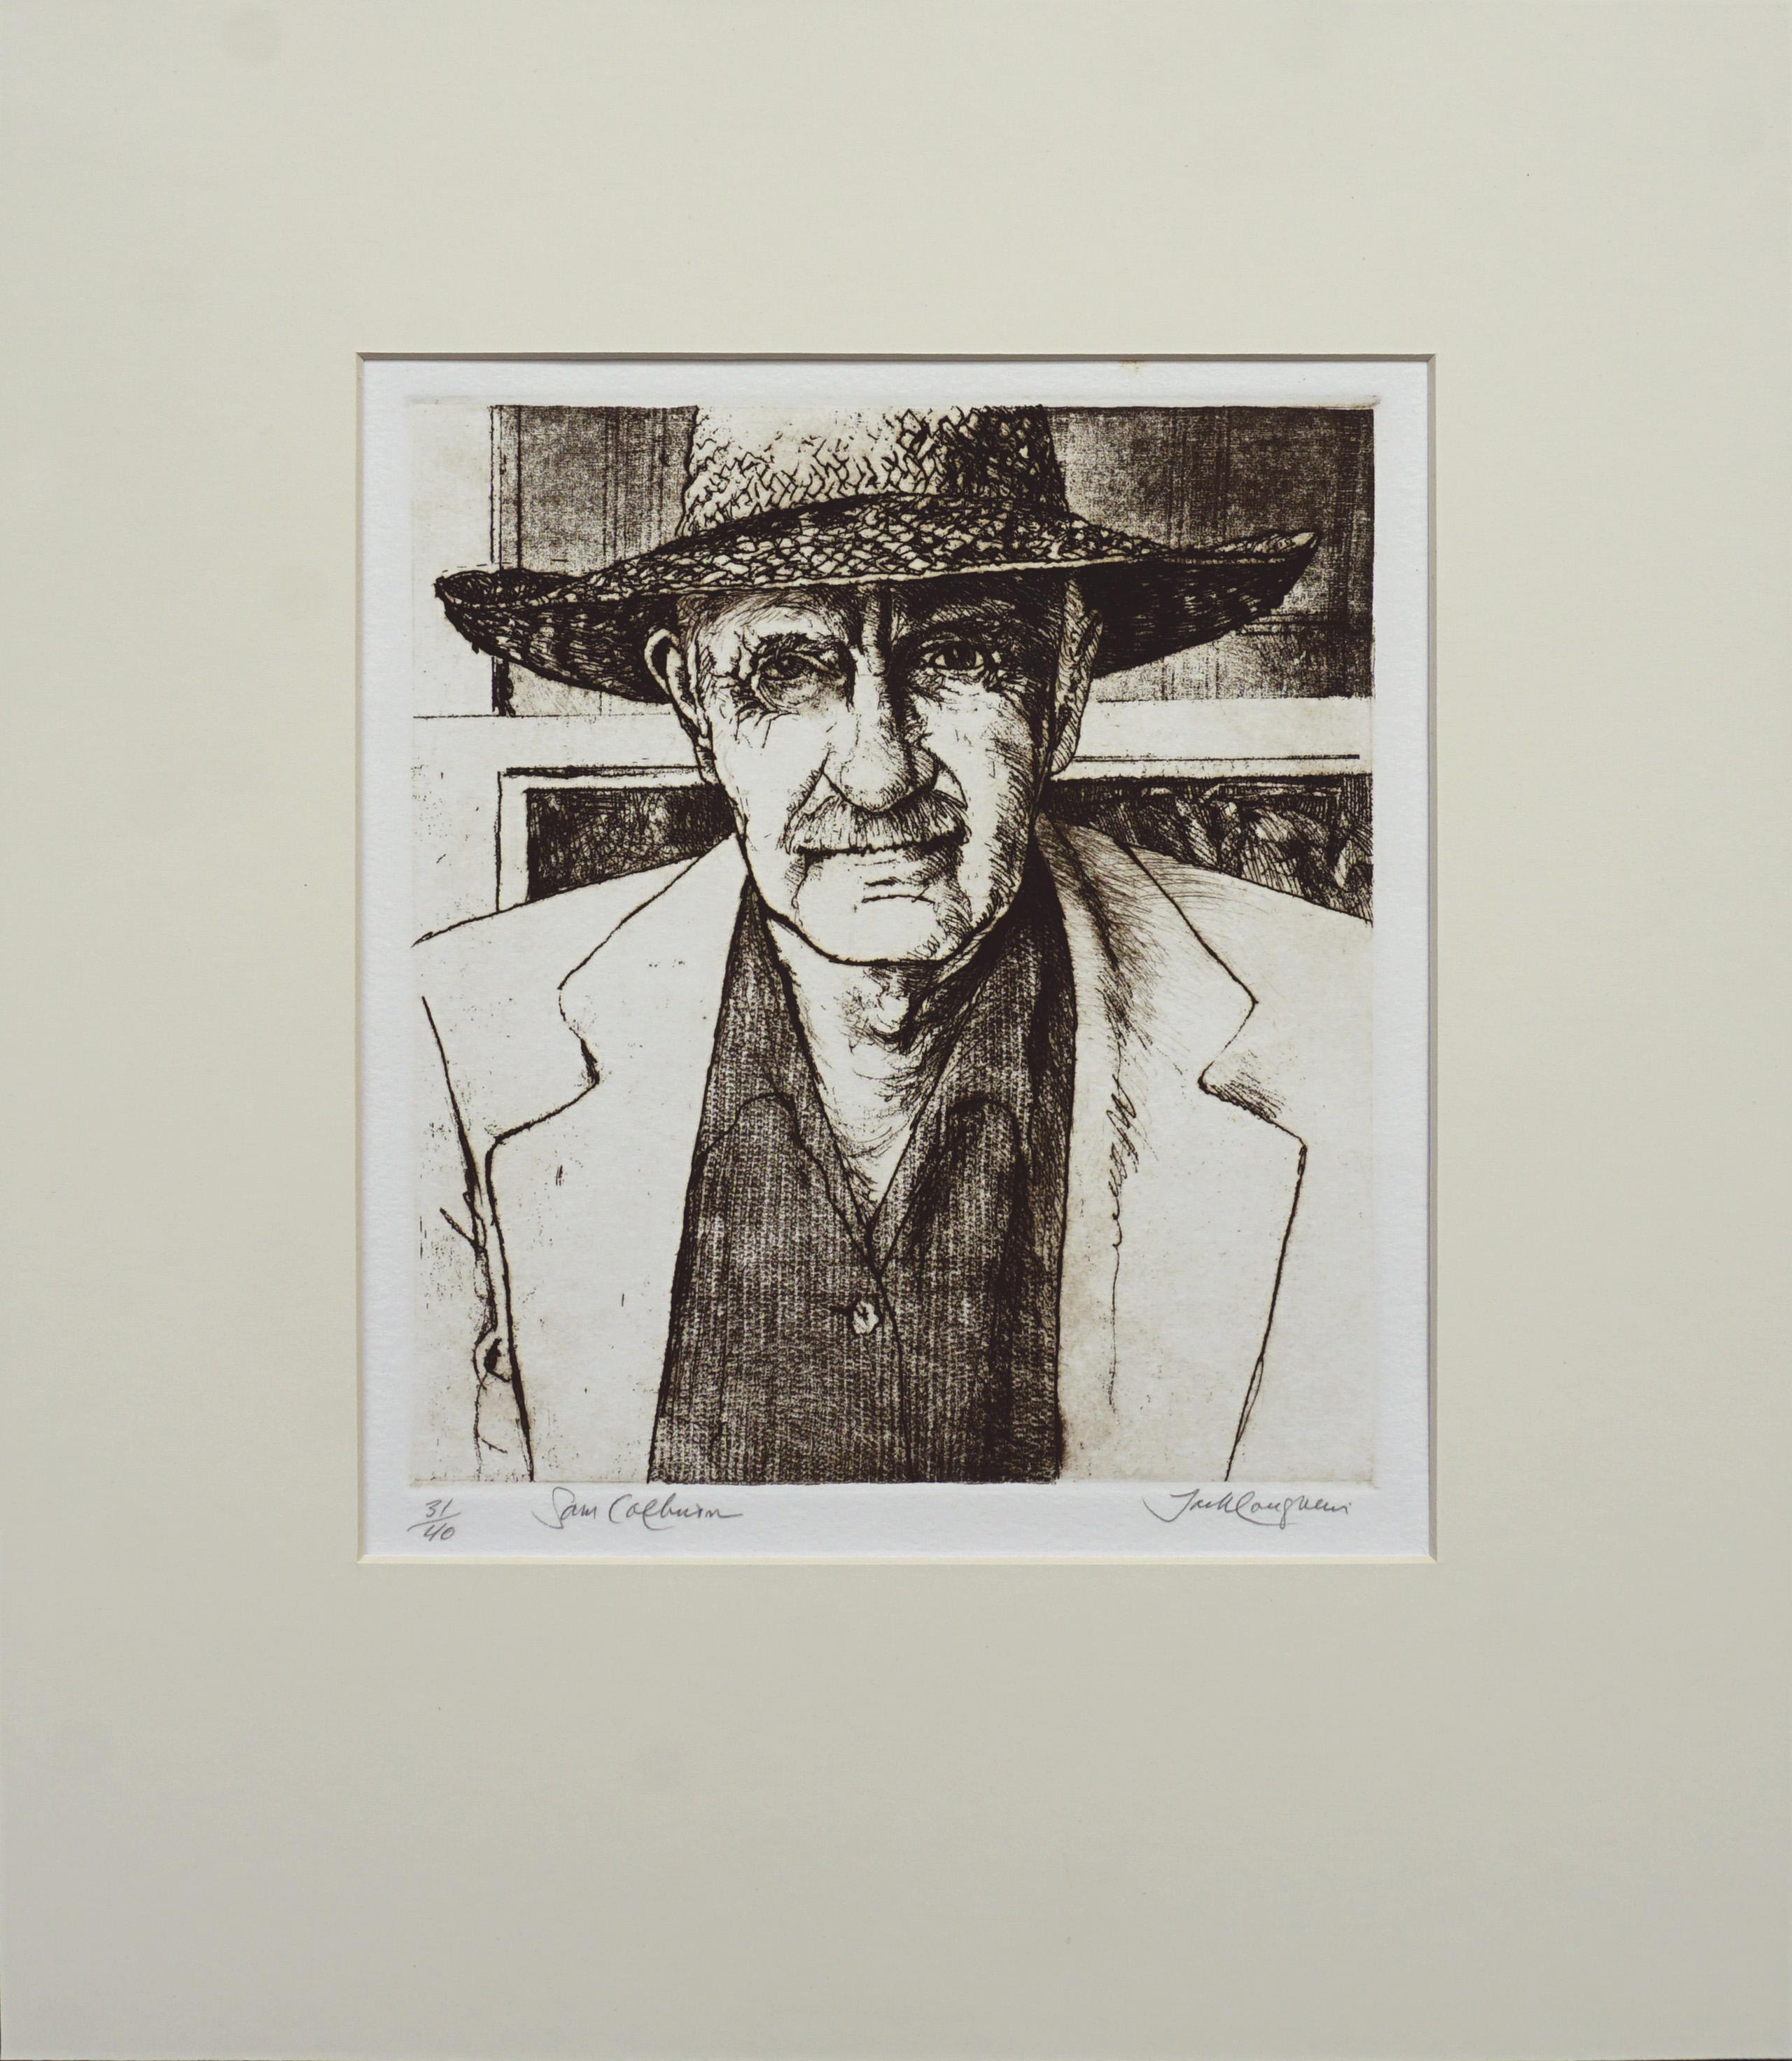 Portrait of Sam Colburn Carmel Artist